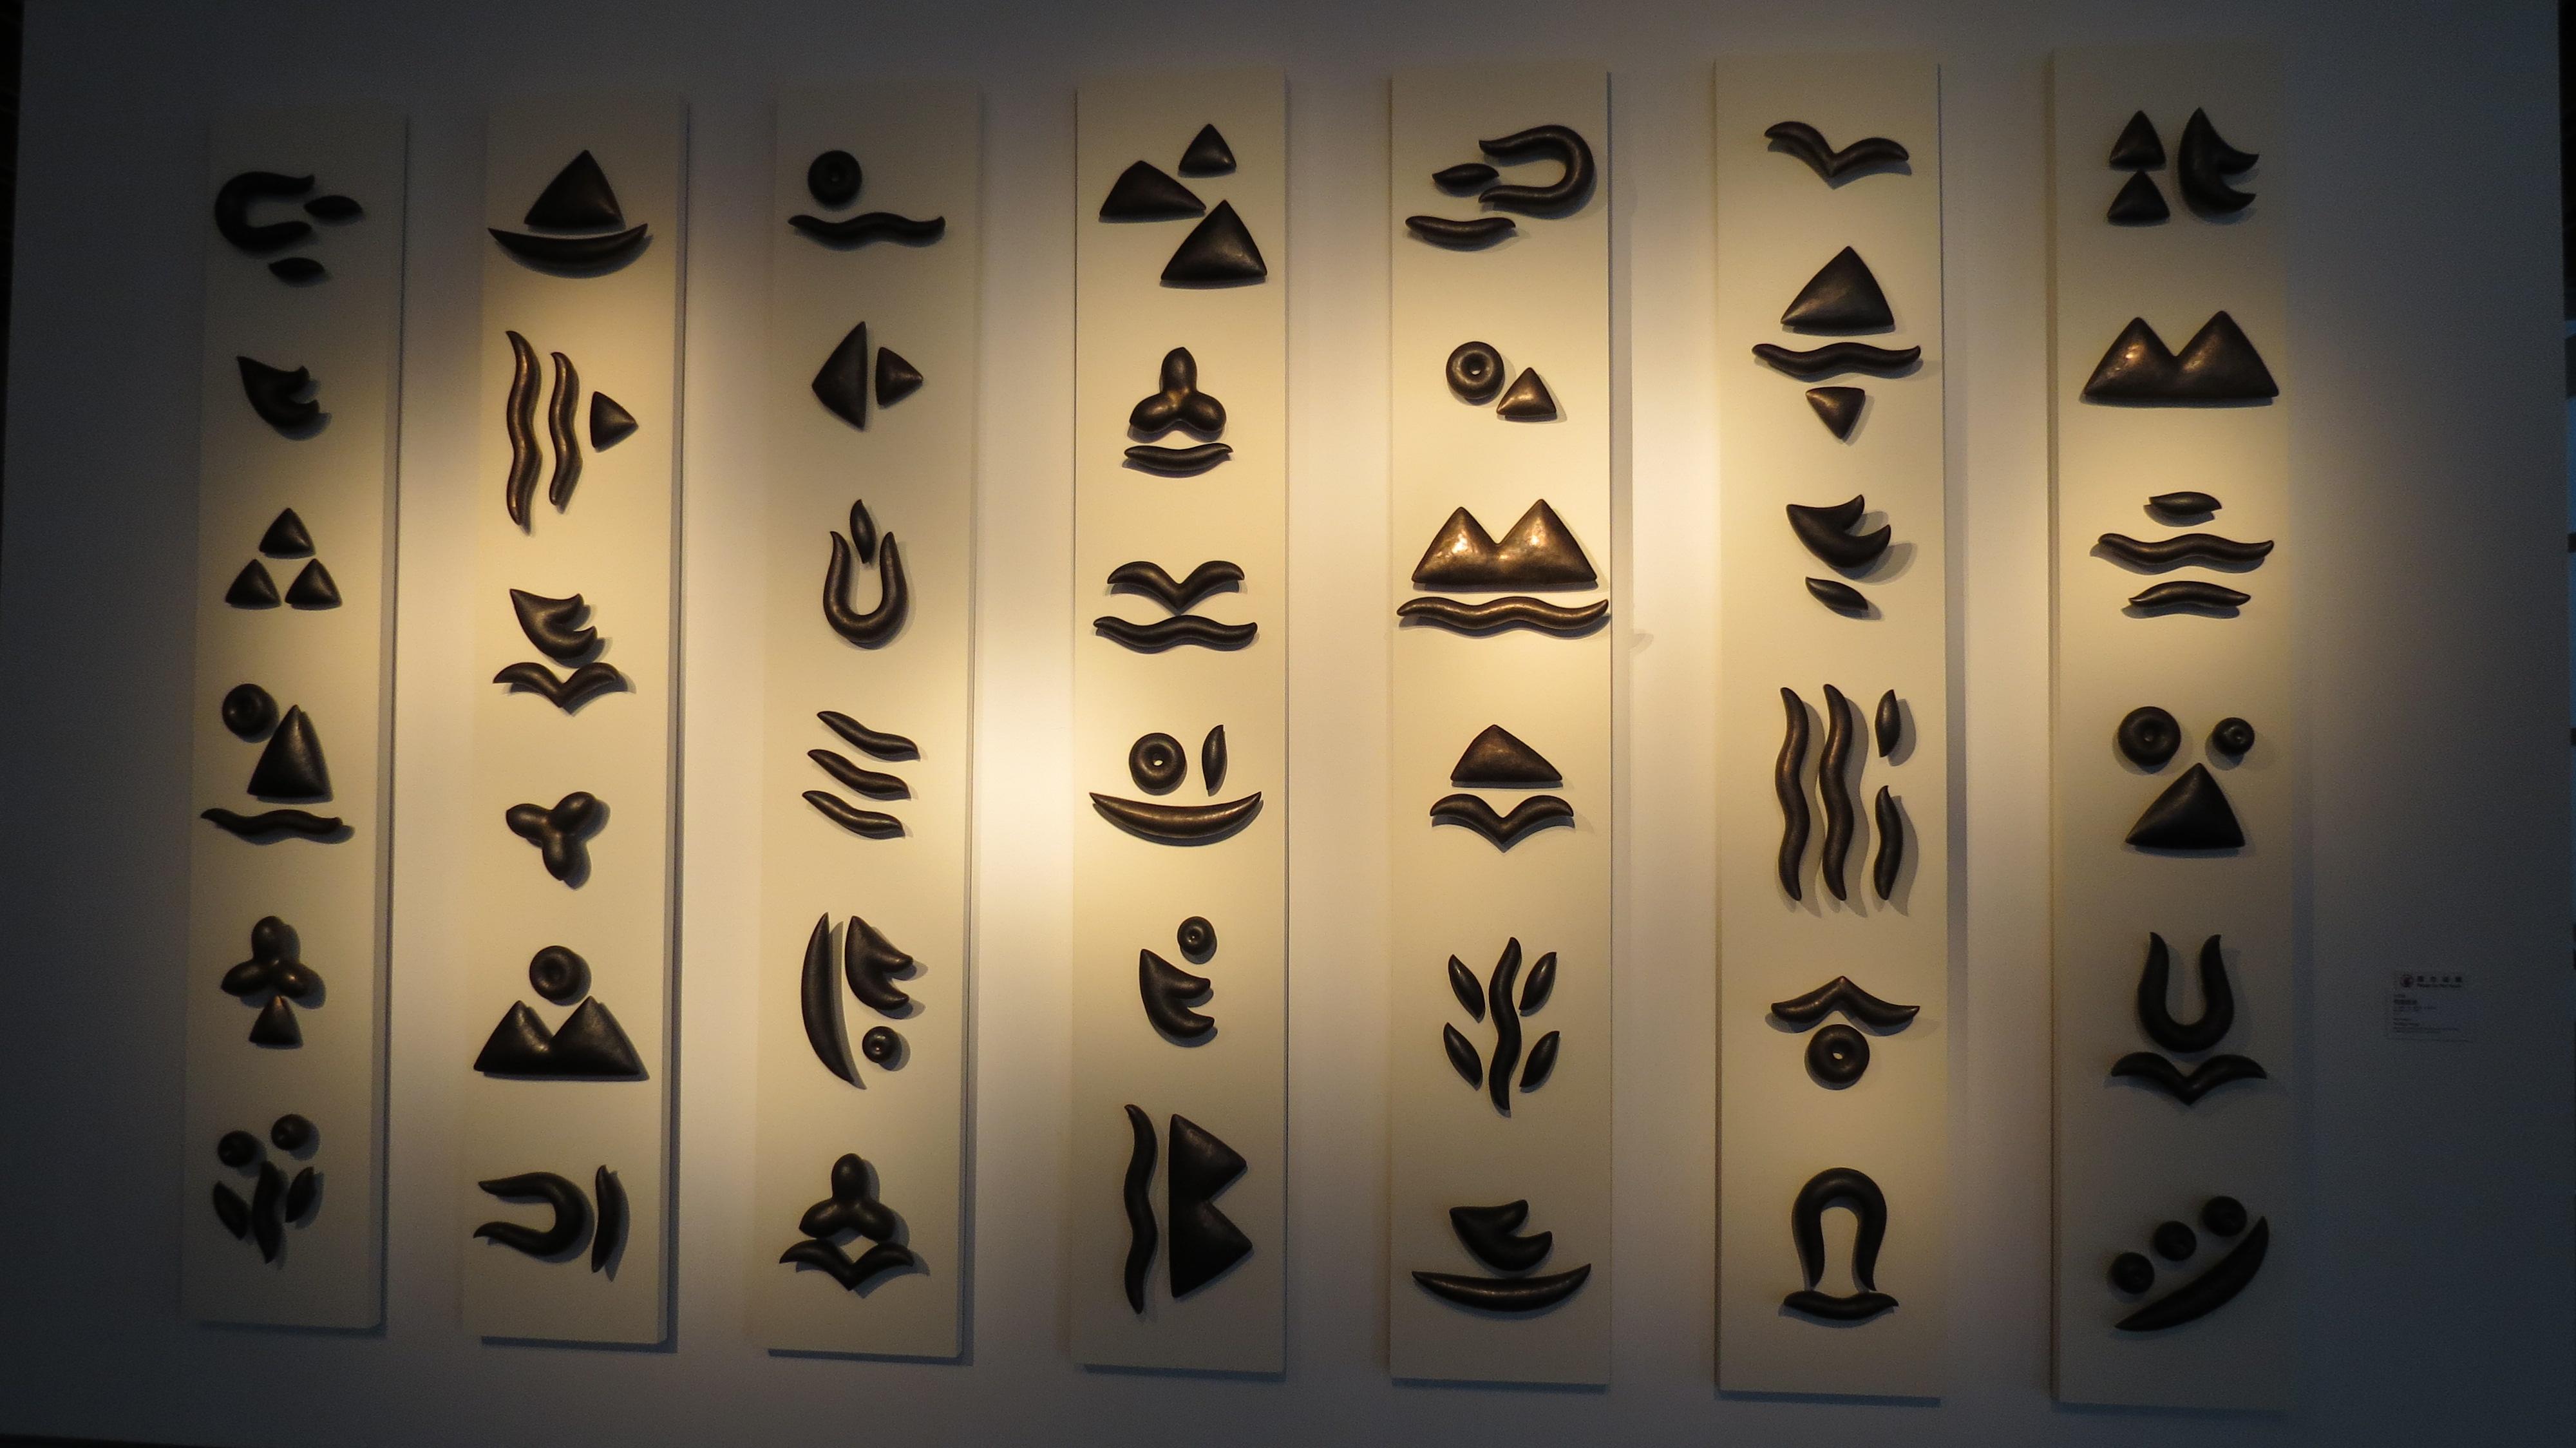 藝術家朱芳毅的展覽作品「閱讀圖象」。攝影/蘇子雁